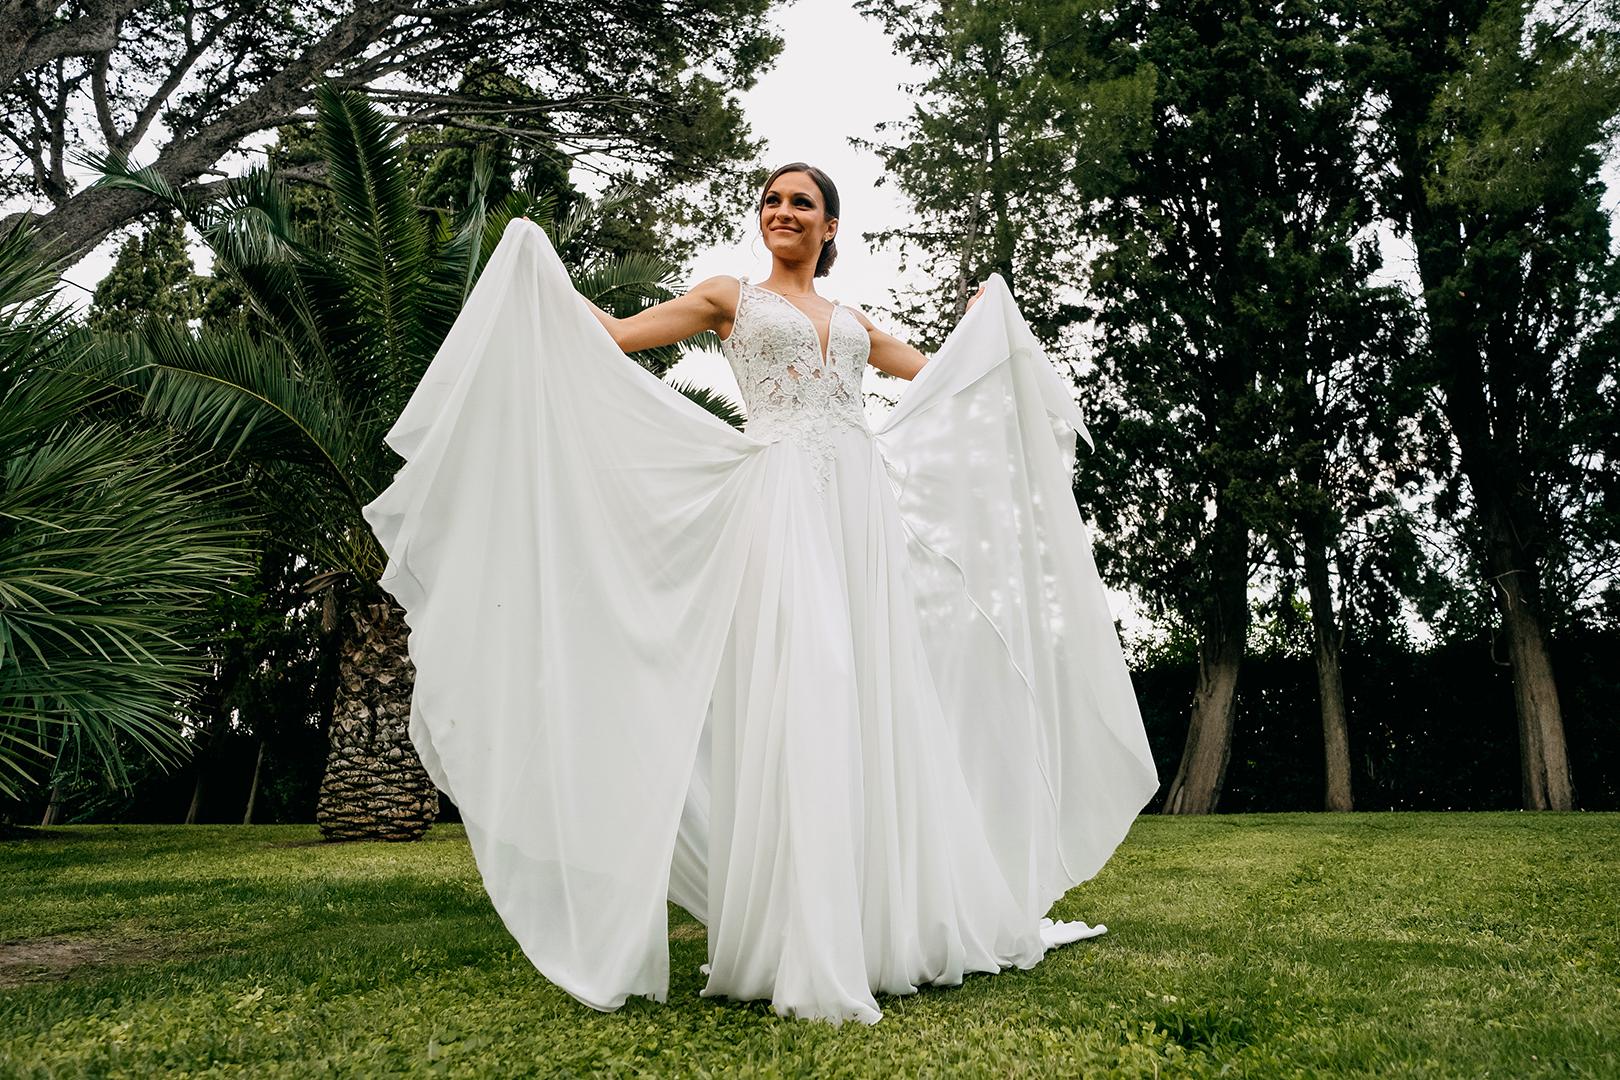 58 gianni-lepore-sposa-fashion-bride